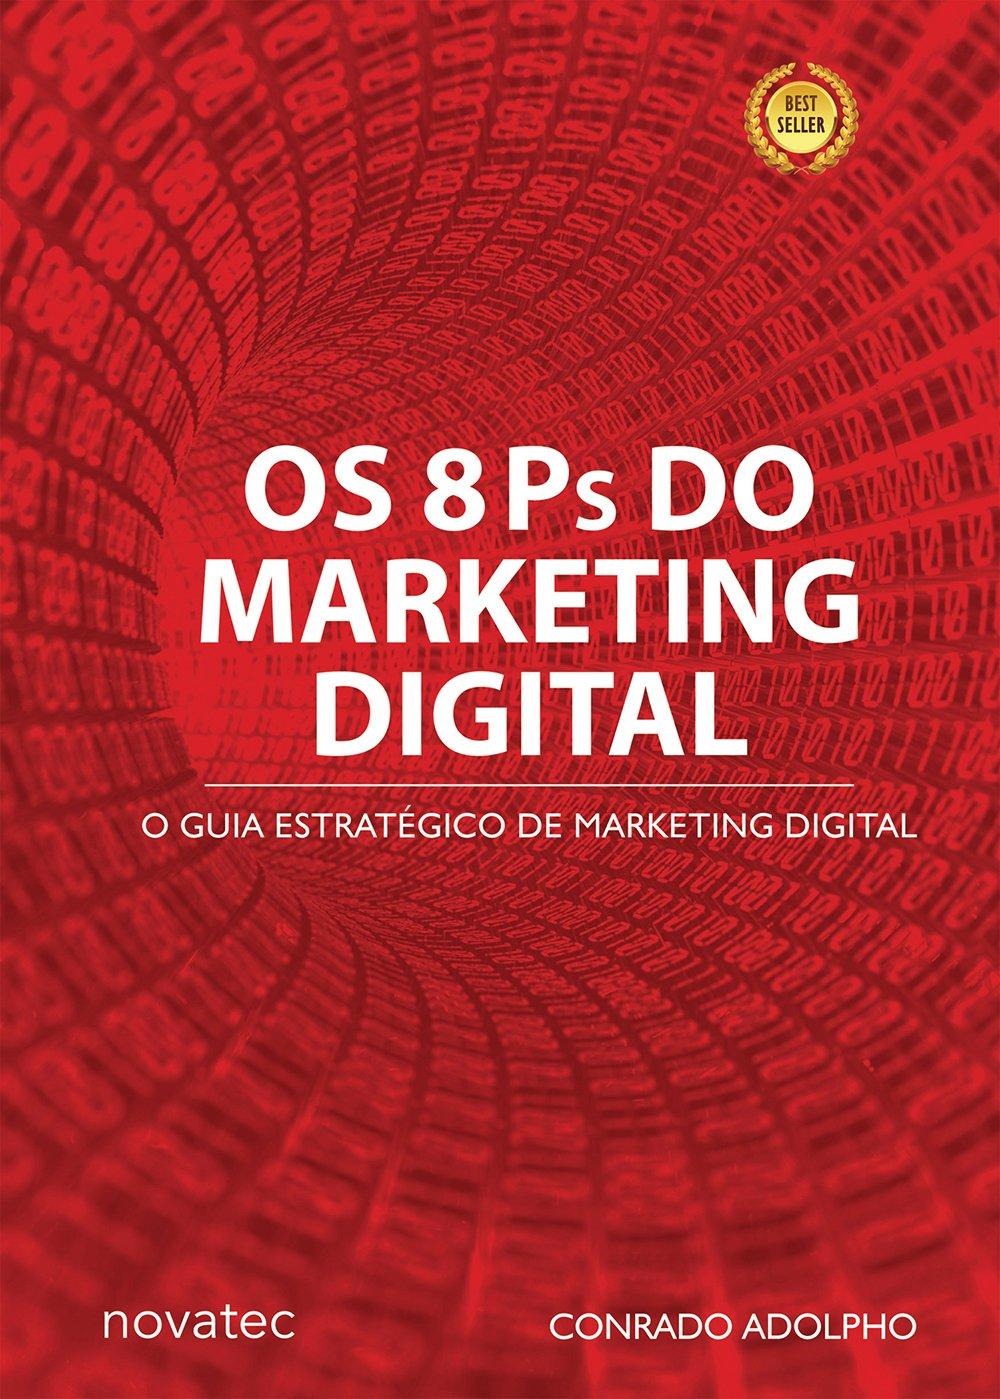 8ps do marketing digital - livros - marfin